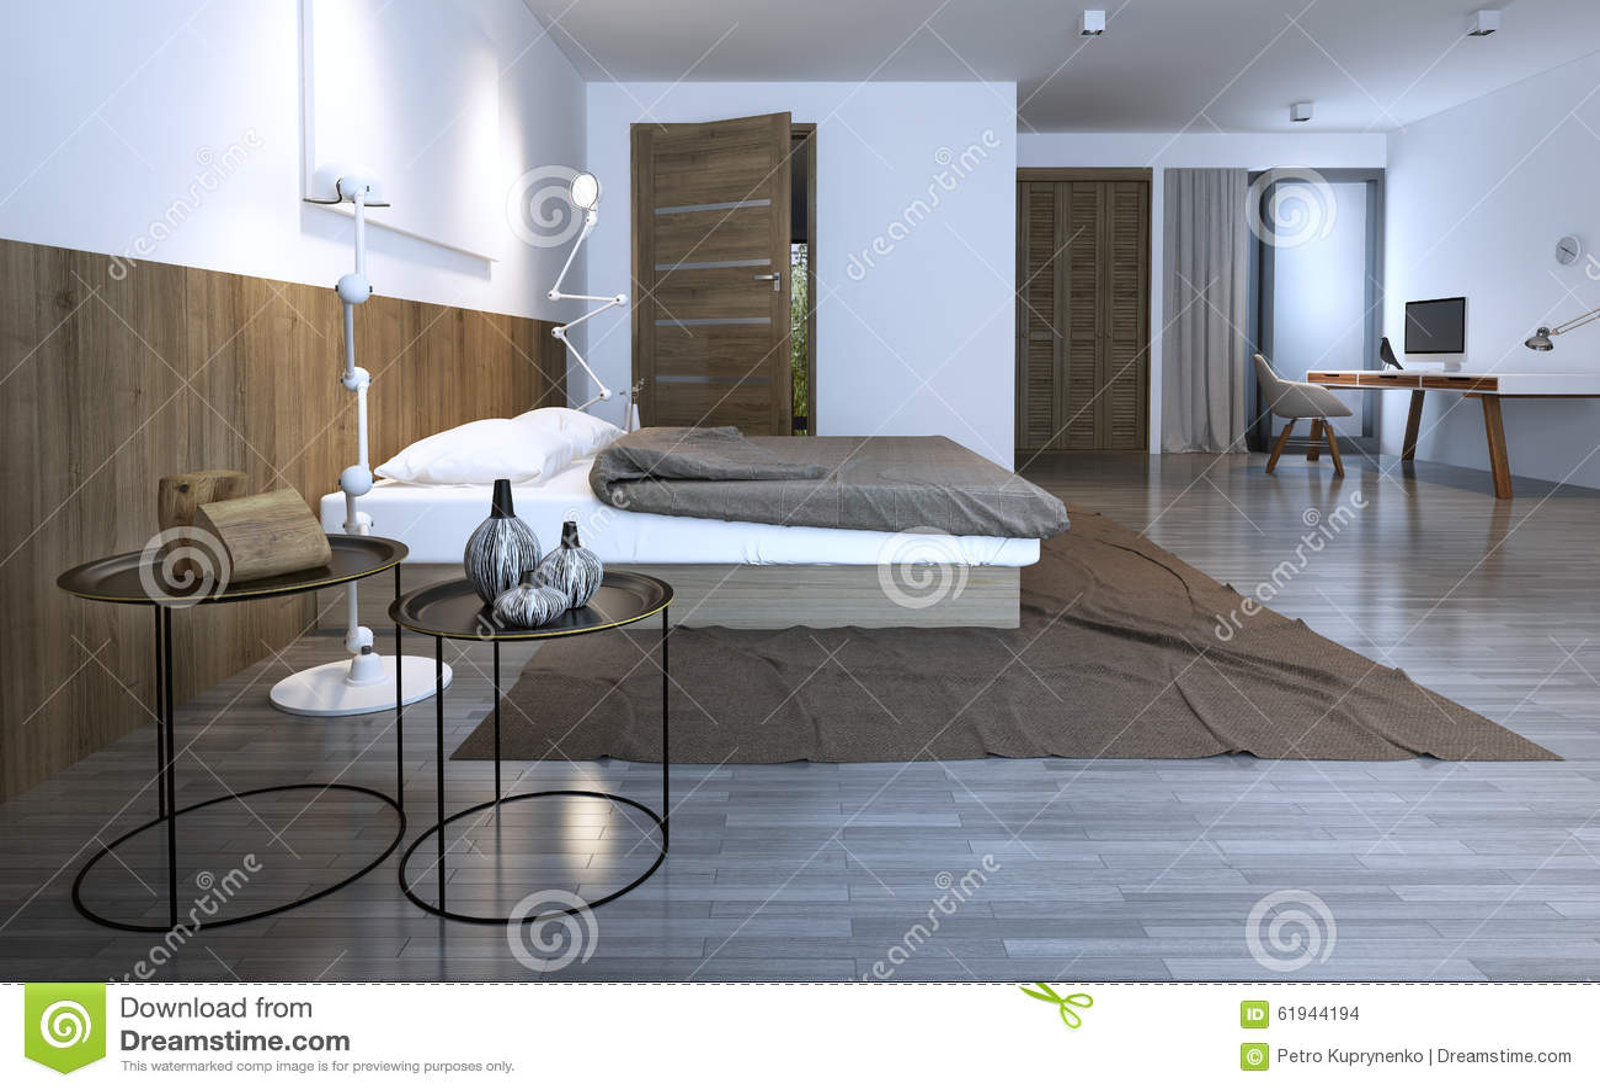 Slaapkamer meubilair met plafond - Idee van interieurontwerp ...